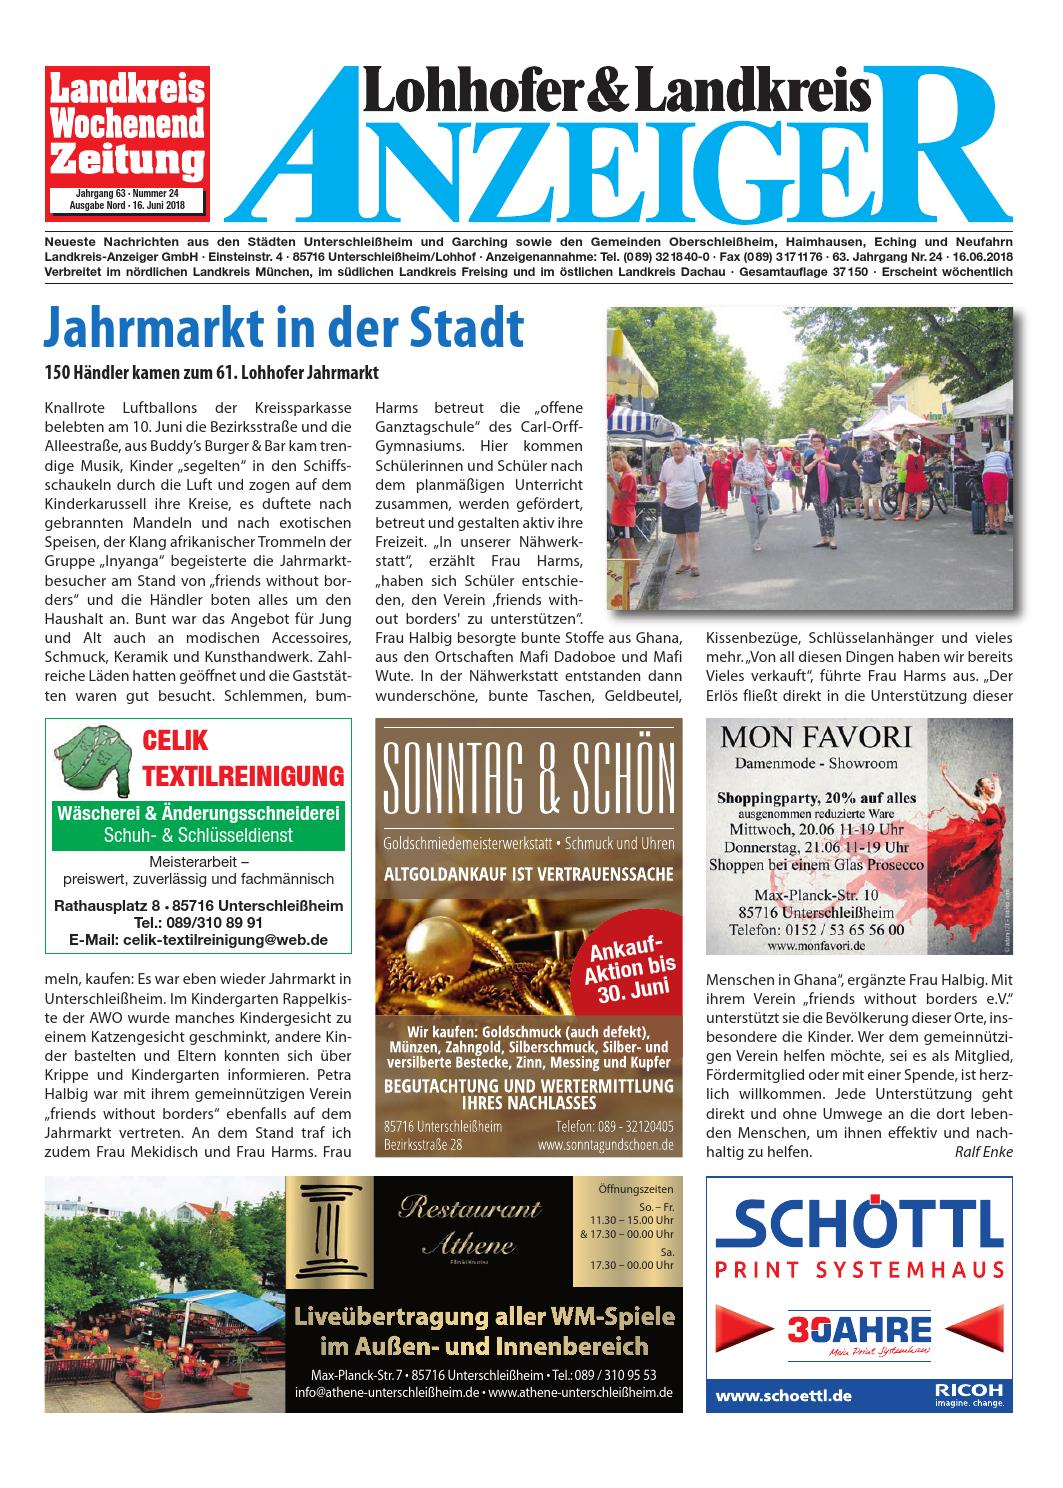 Lohhofer & Landkreis Anzeiger 2418 by Zimmermann GmbH Druck